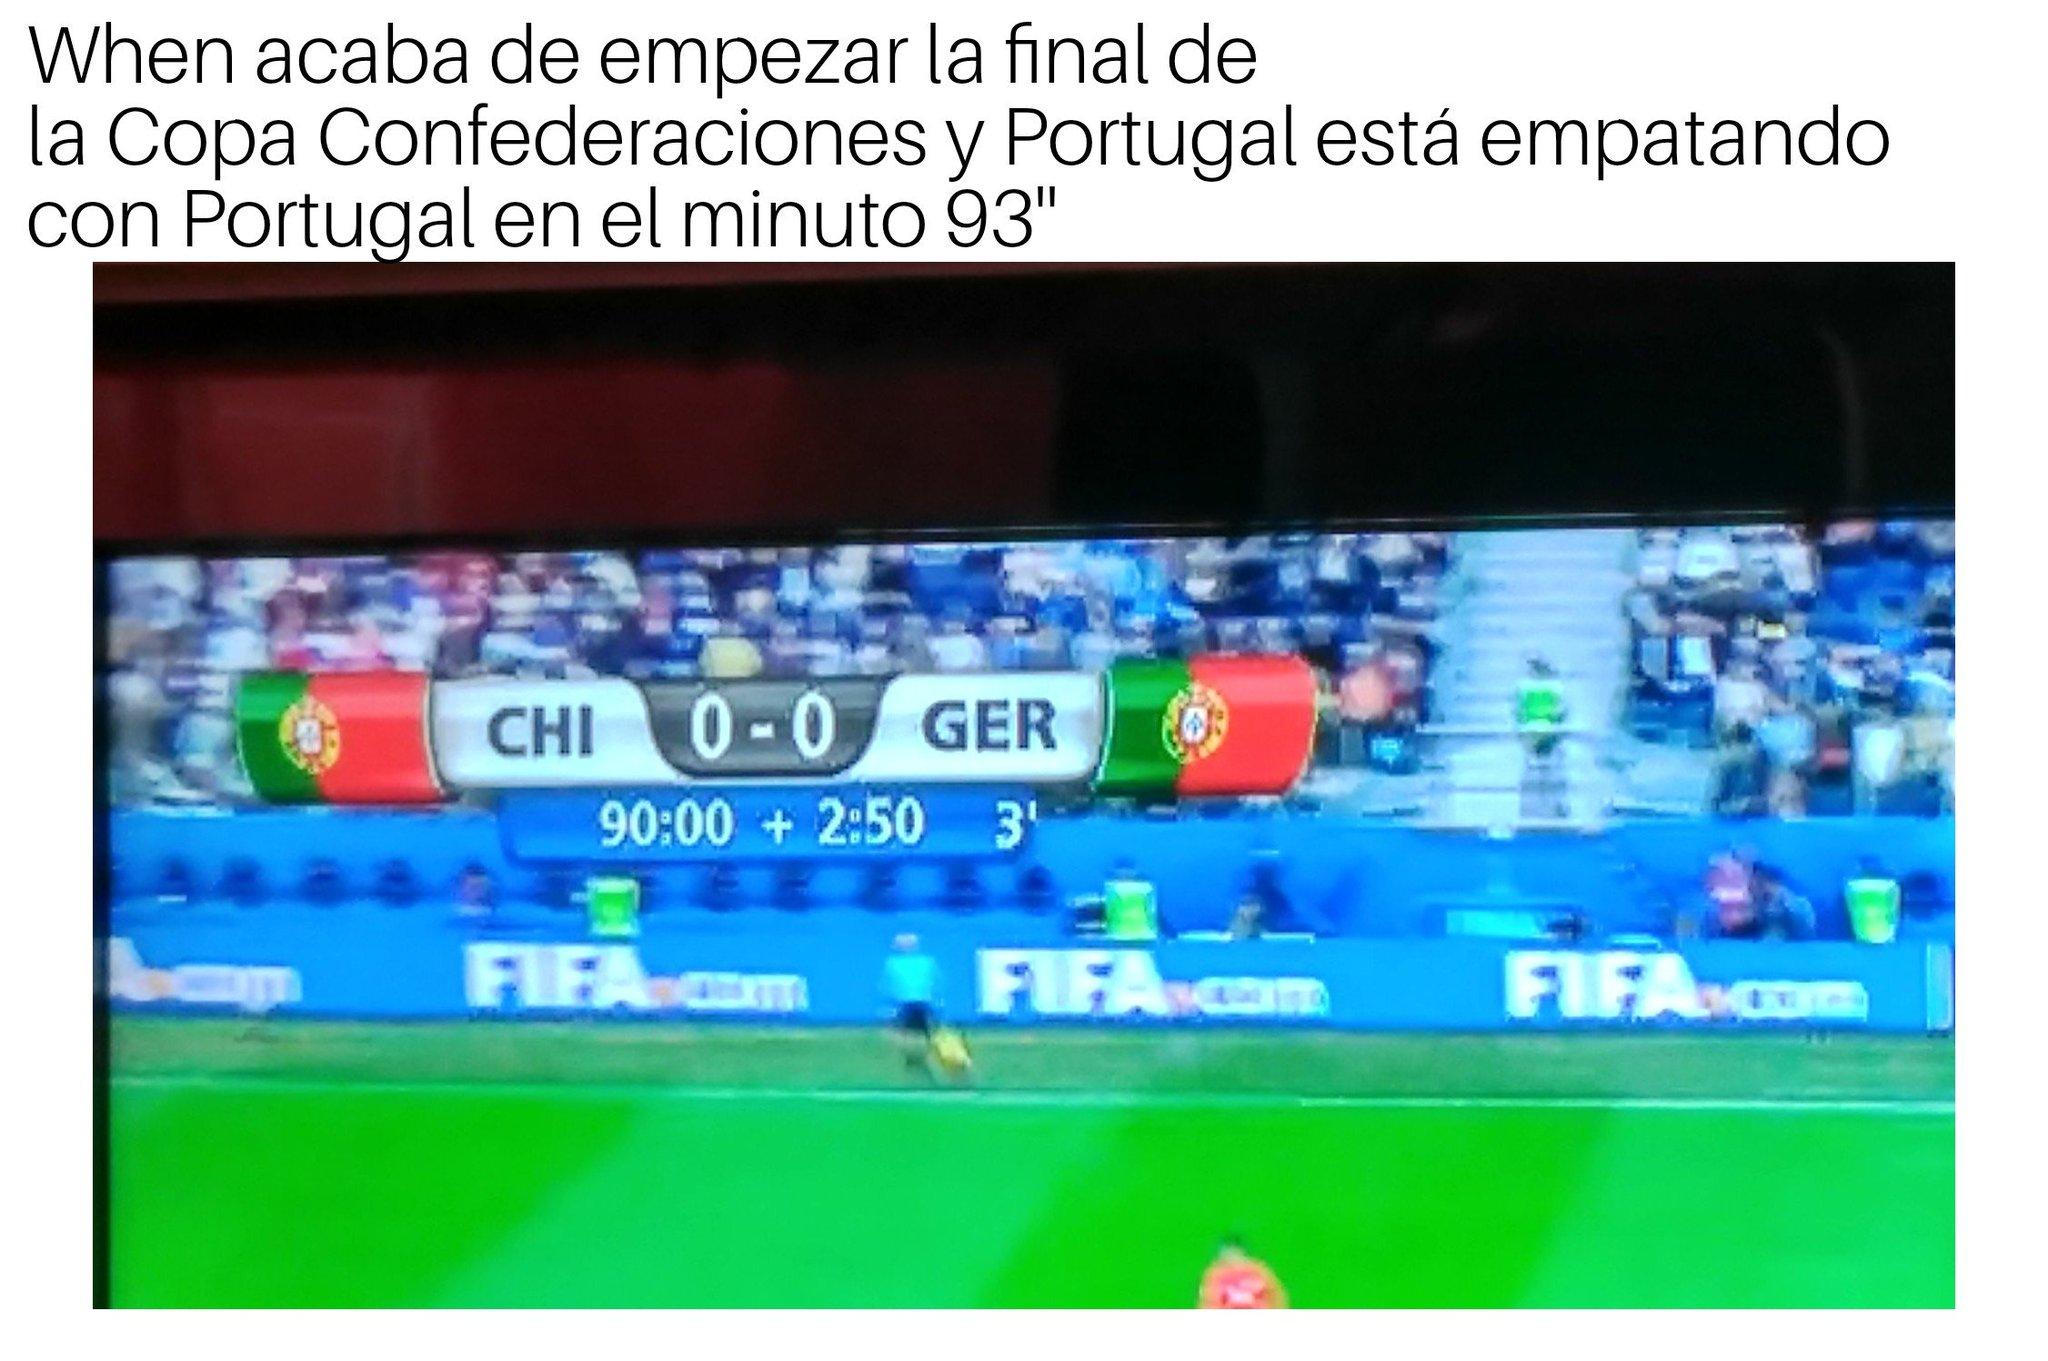 Seguro que gana Portugal - meme